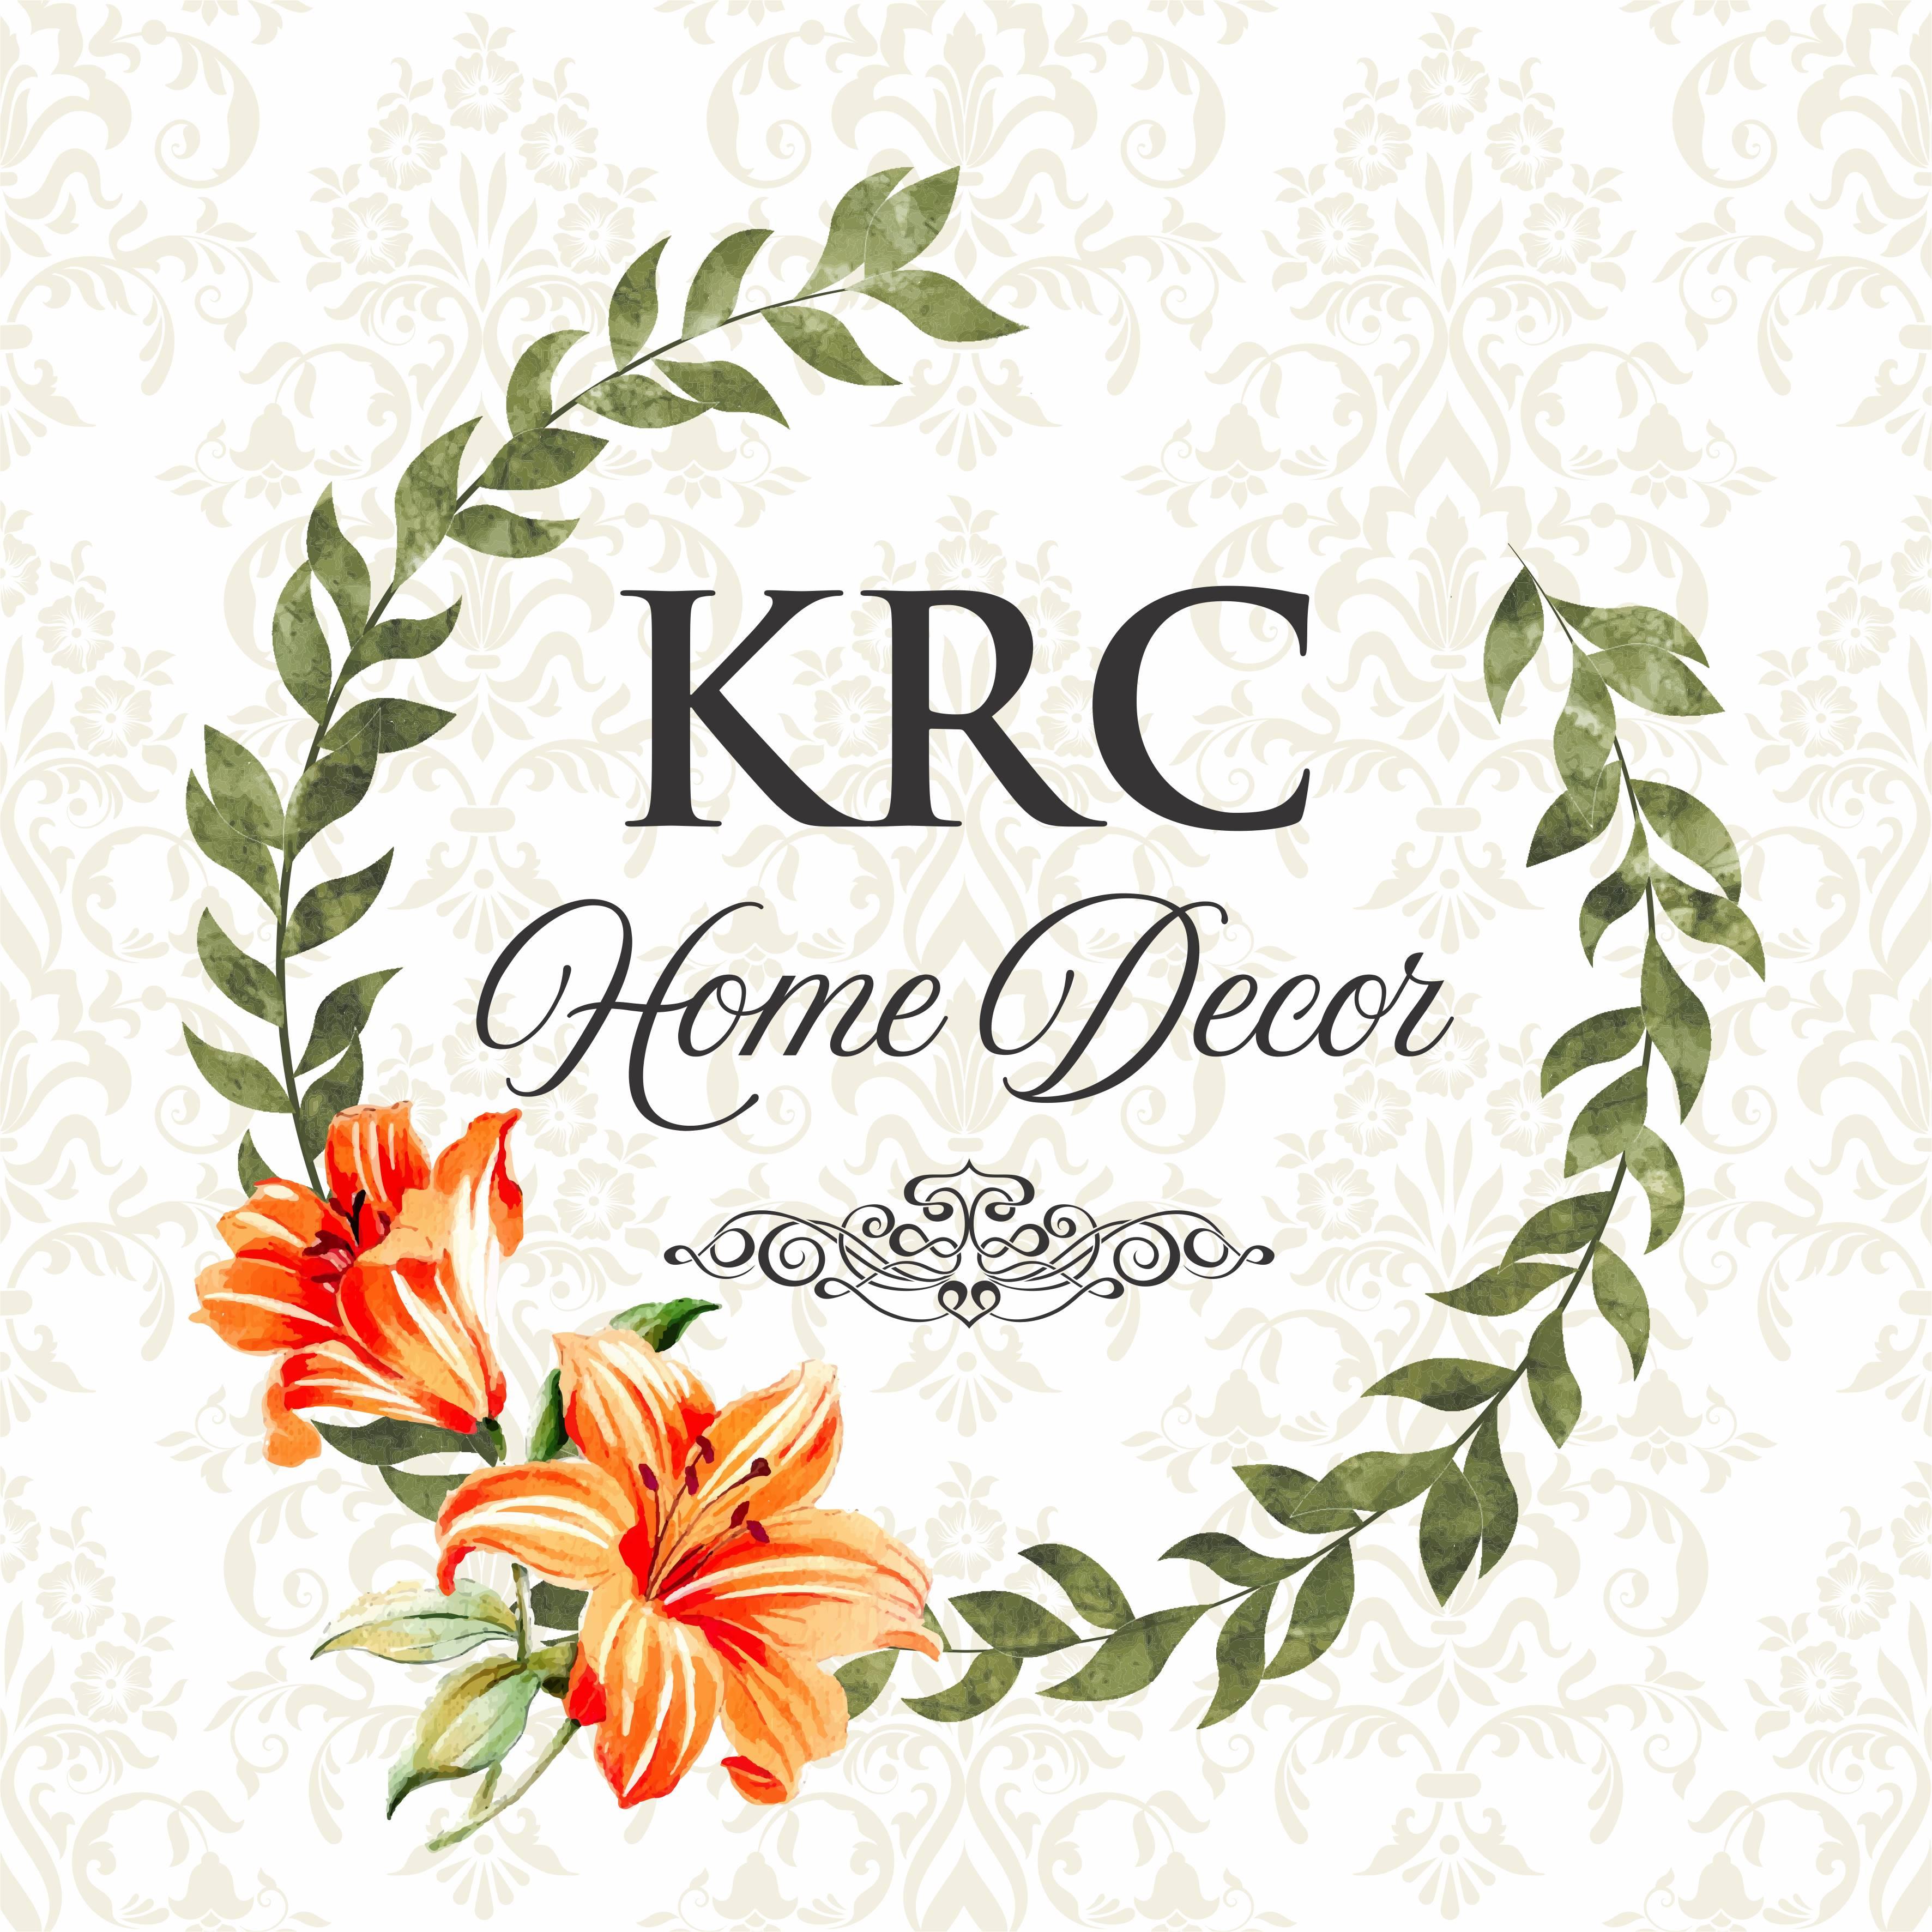 Krc Home Decor